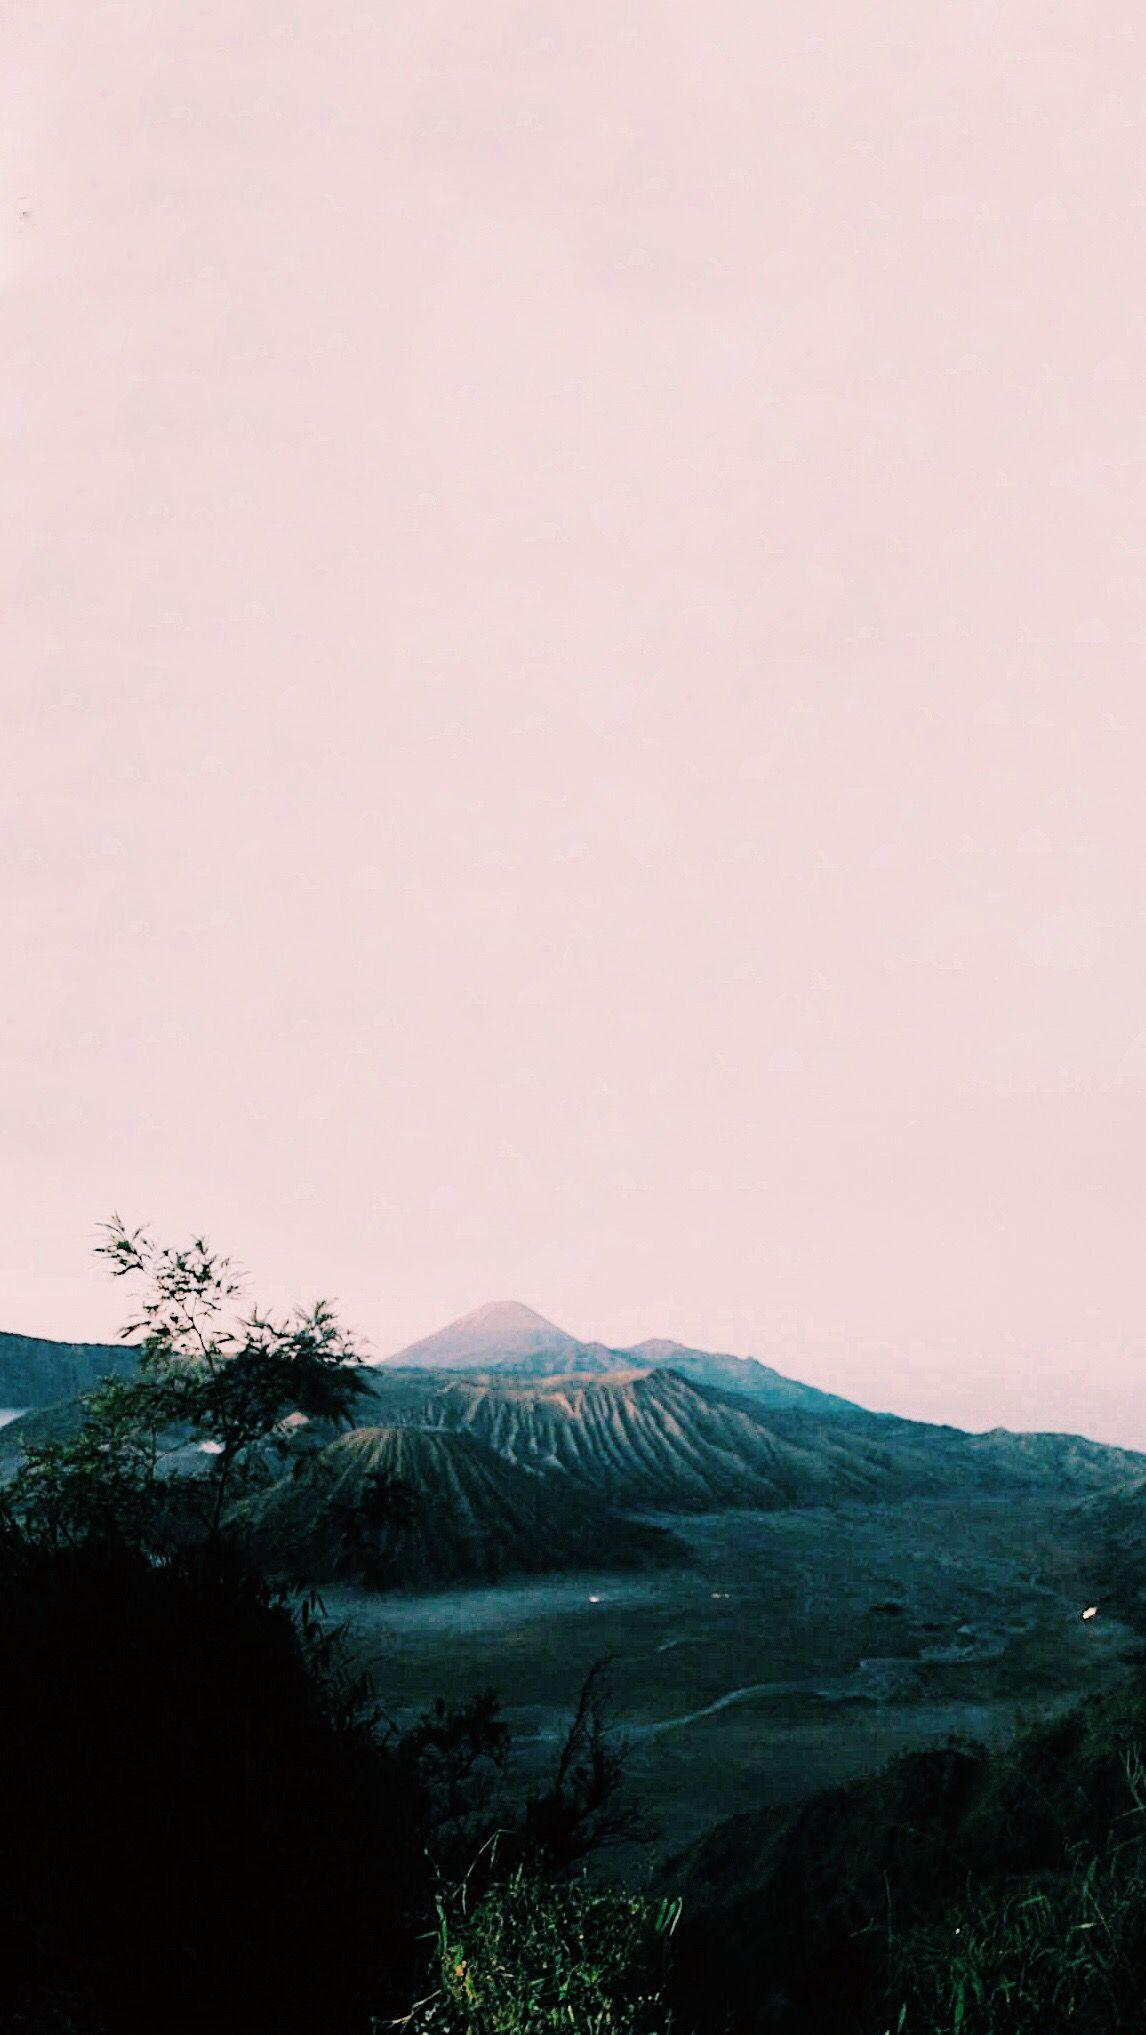 View Gunung Bromo Gunung Bromo Alam Dingin Aesthetic Background Backgroundaesthetic Manipulasi Foto Dingin Desain